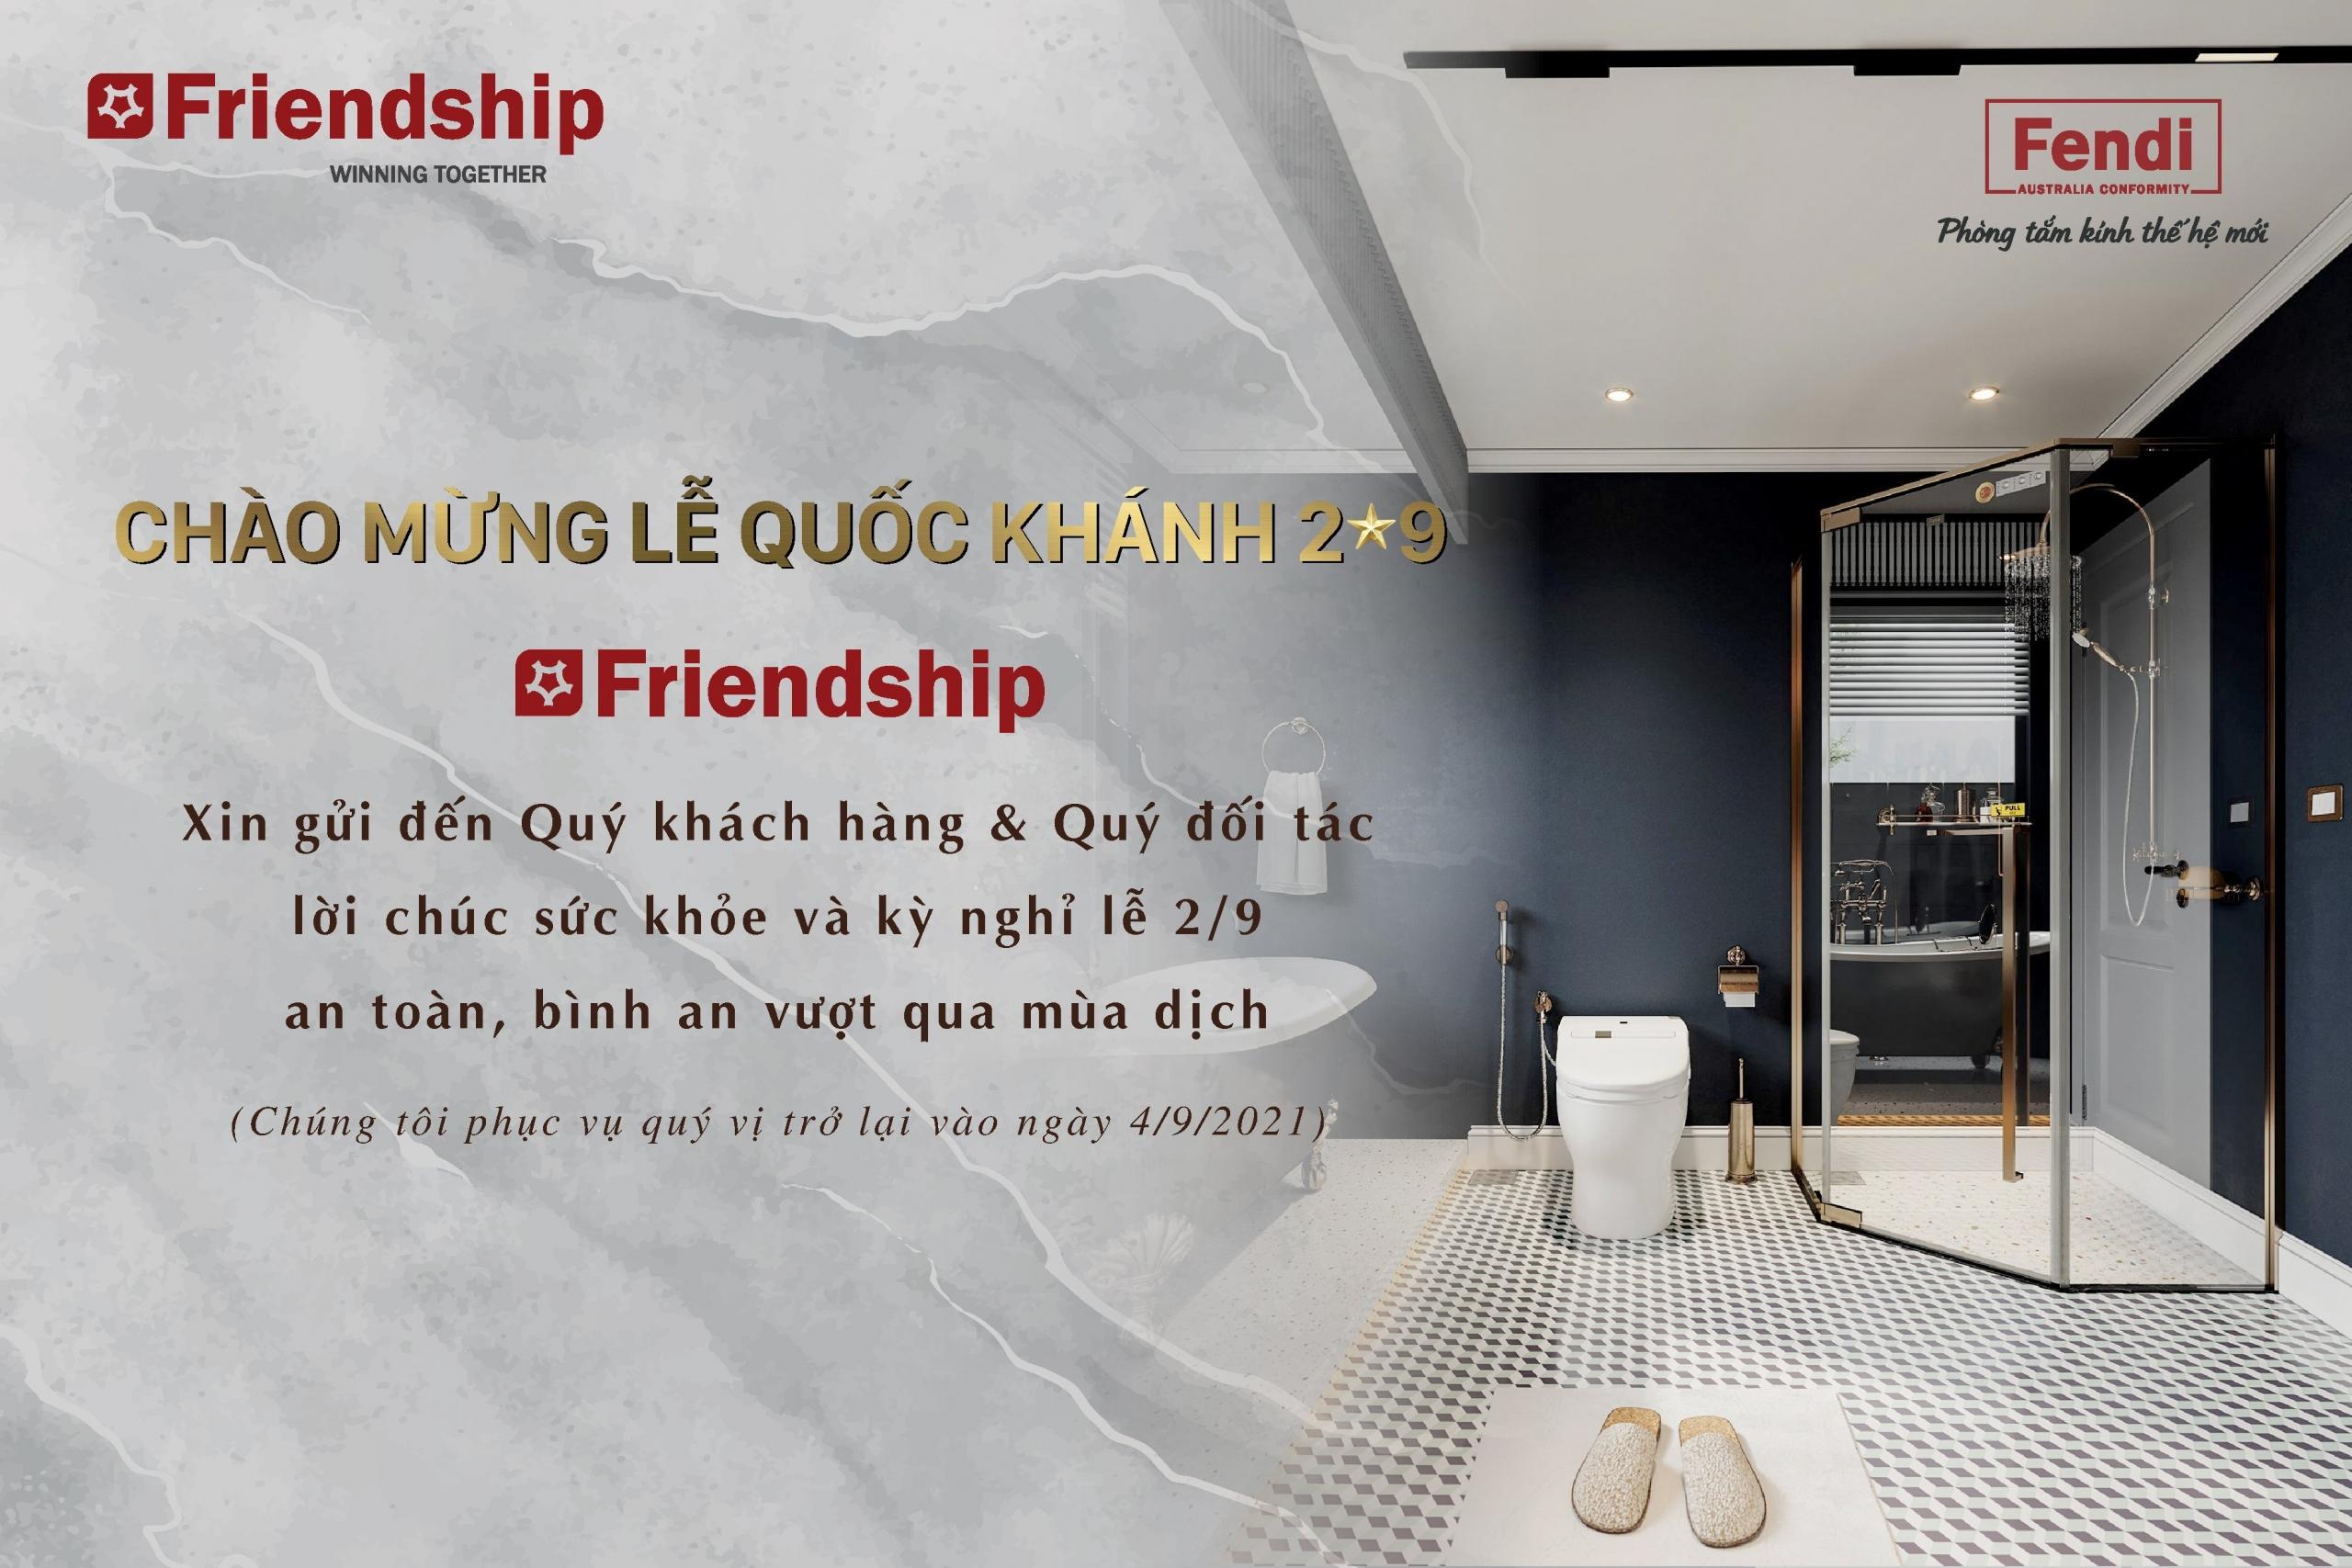 Friendship chúc mừng Lễ Quốc Khánh 2/9